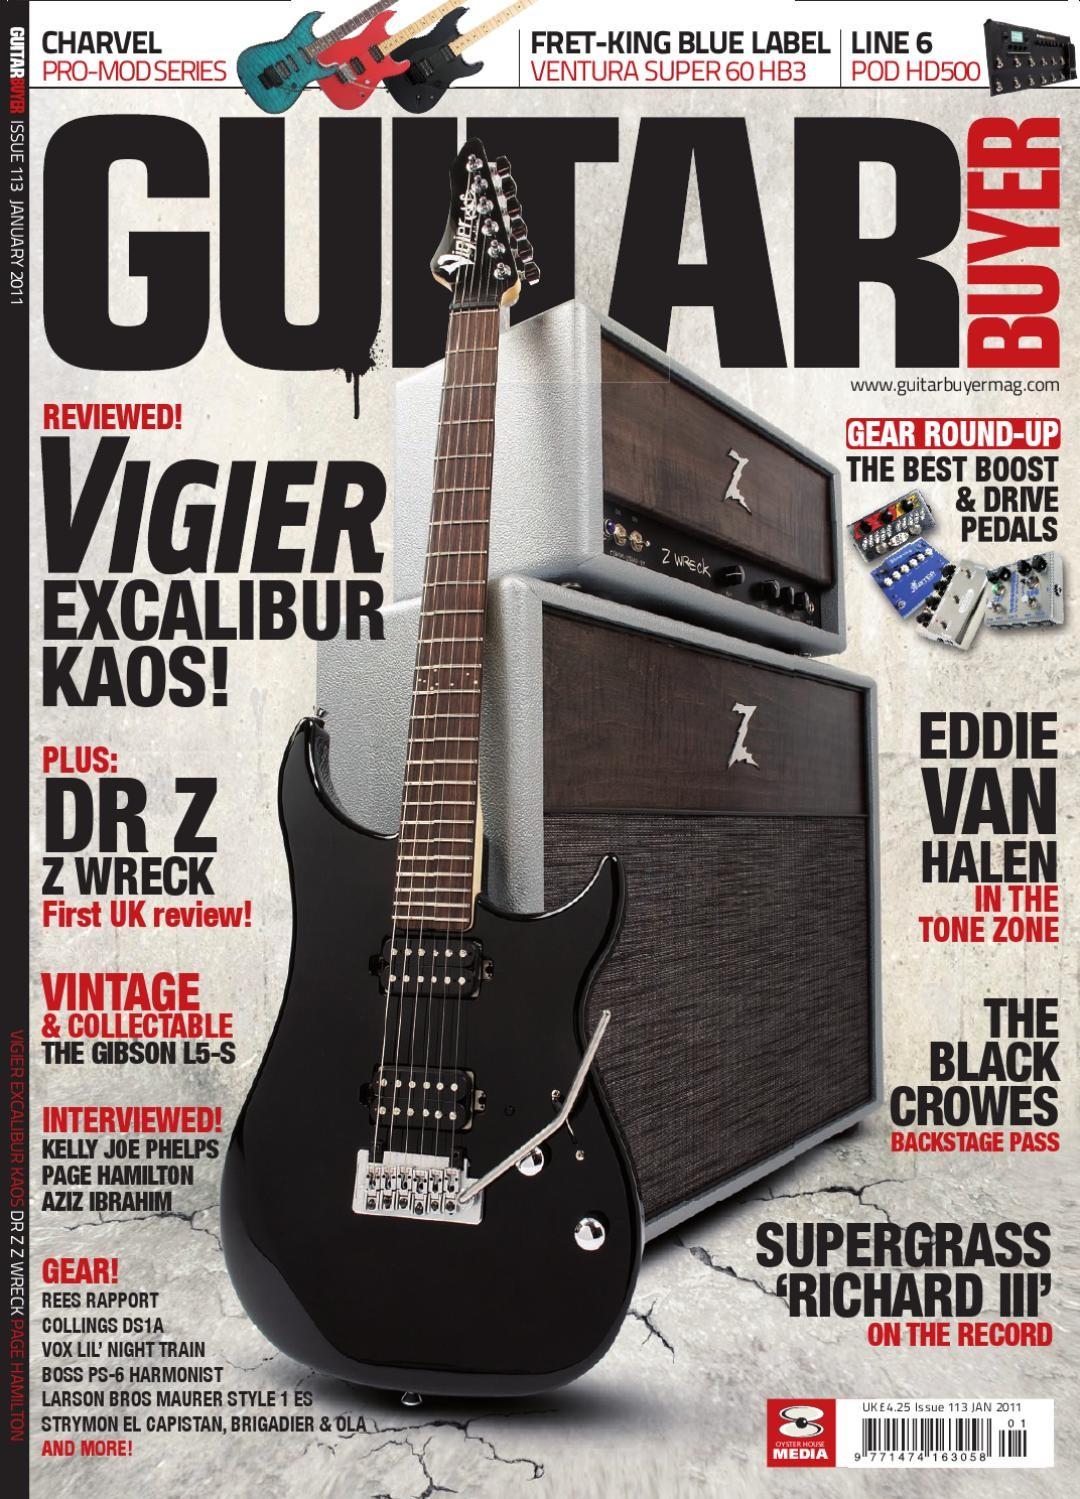 Guitar Buyer Magazine 113